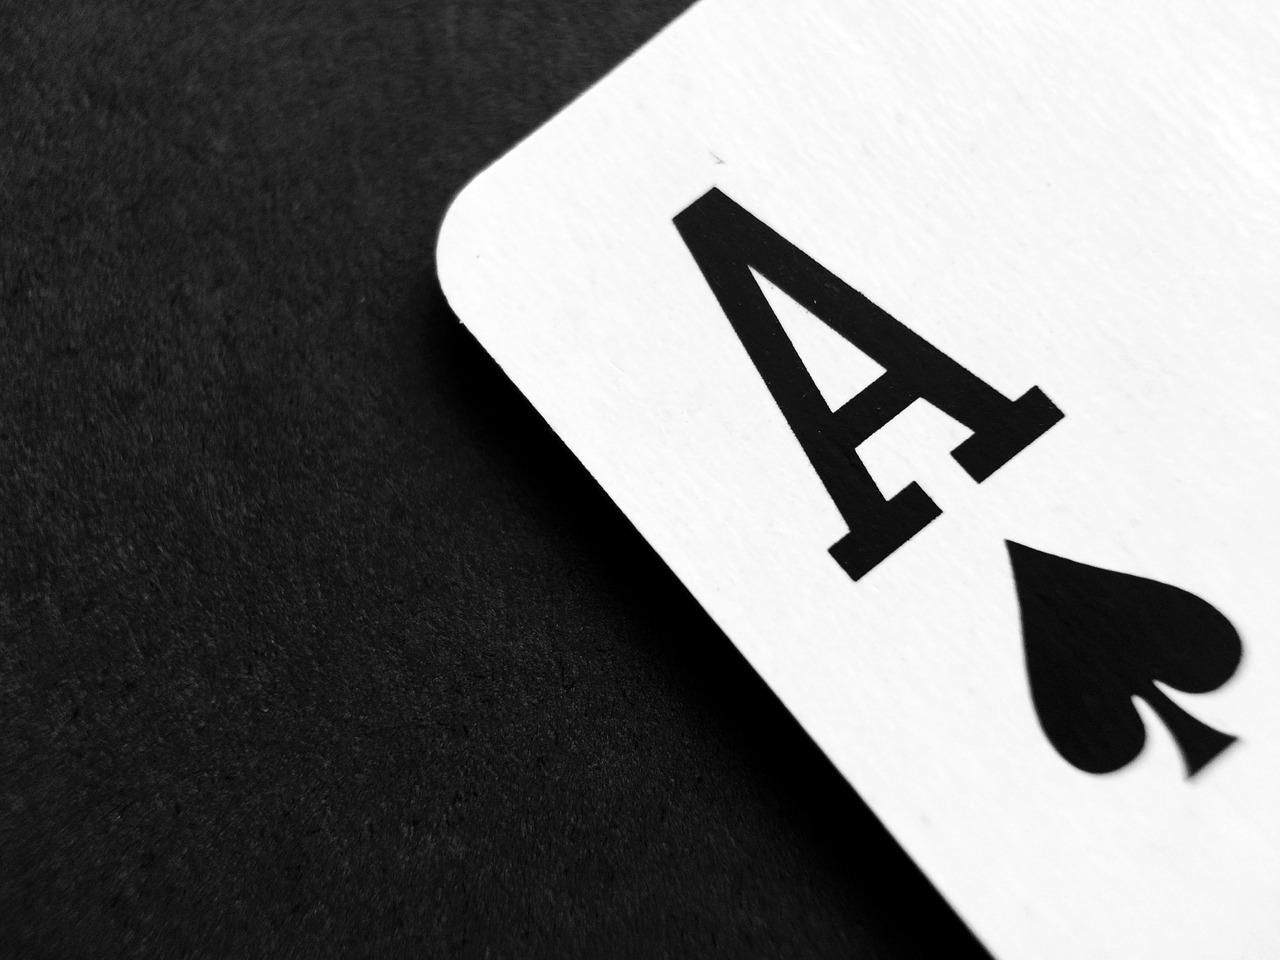 Jouer au poker en solo grâce à l'électronique